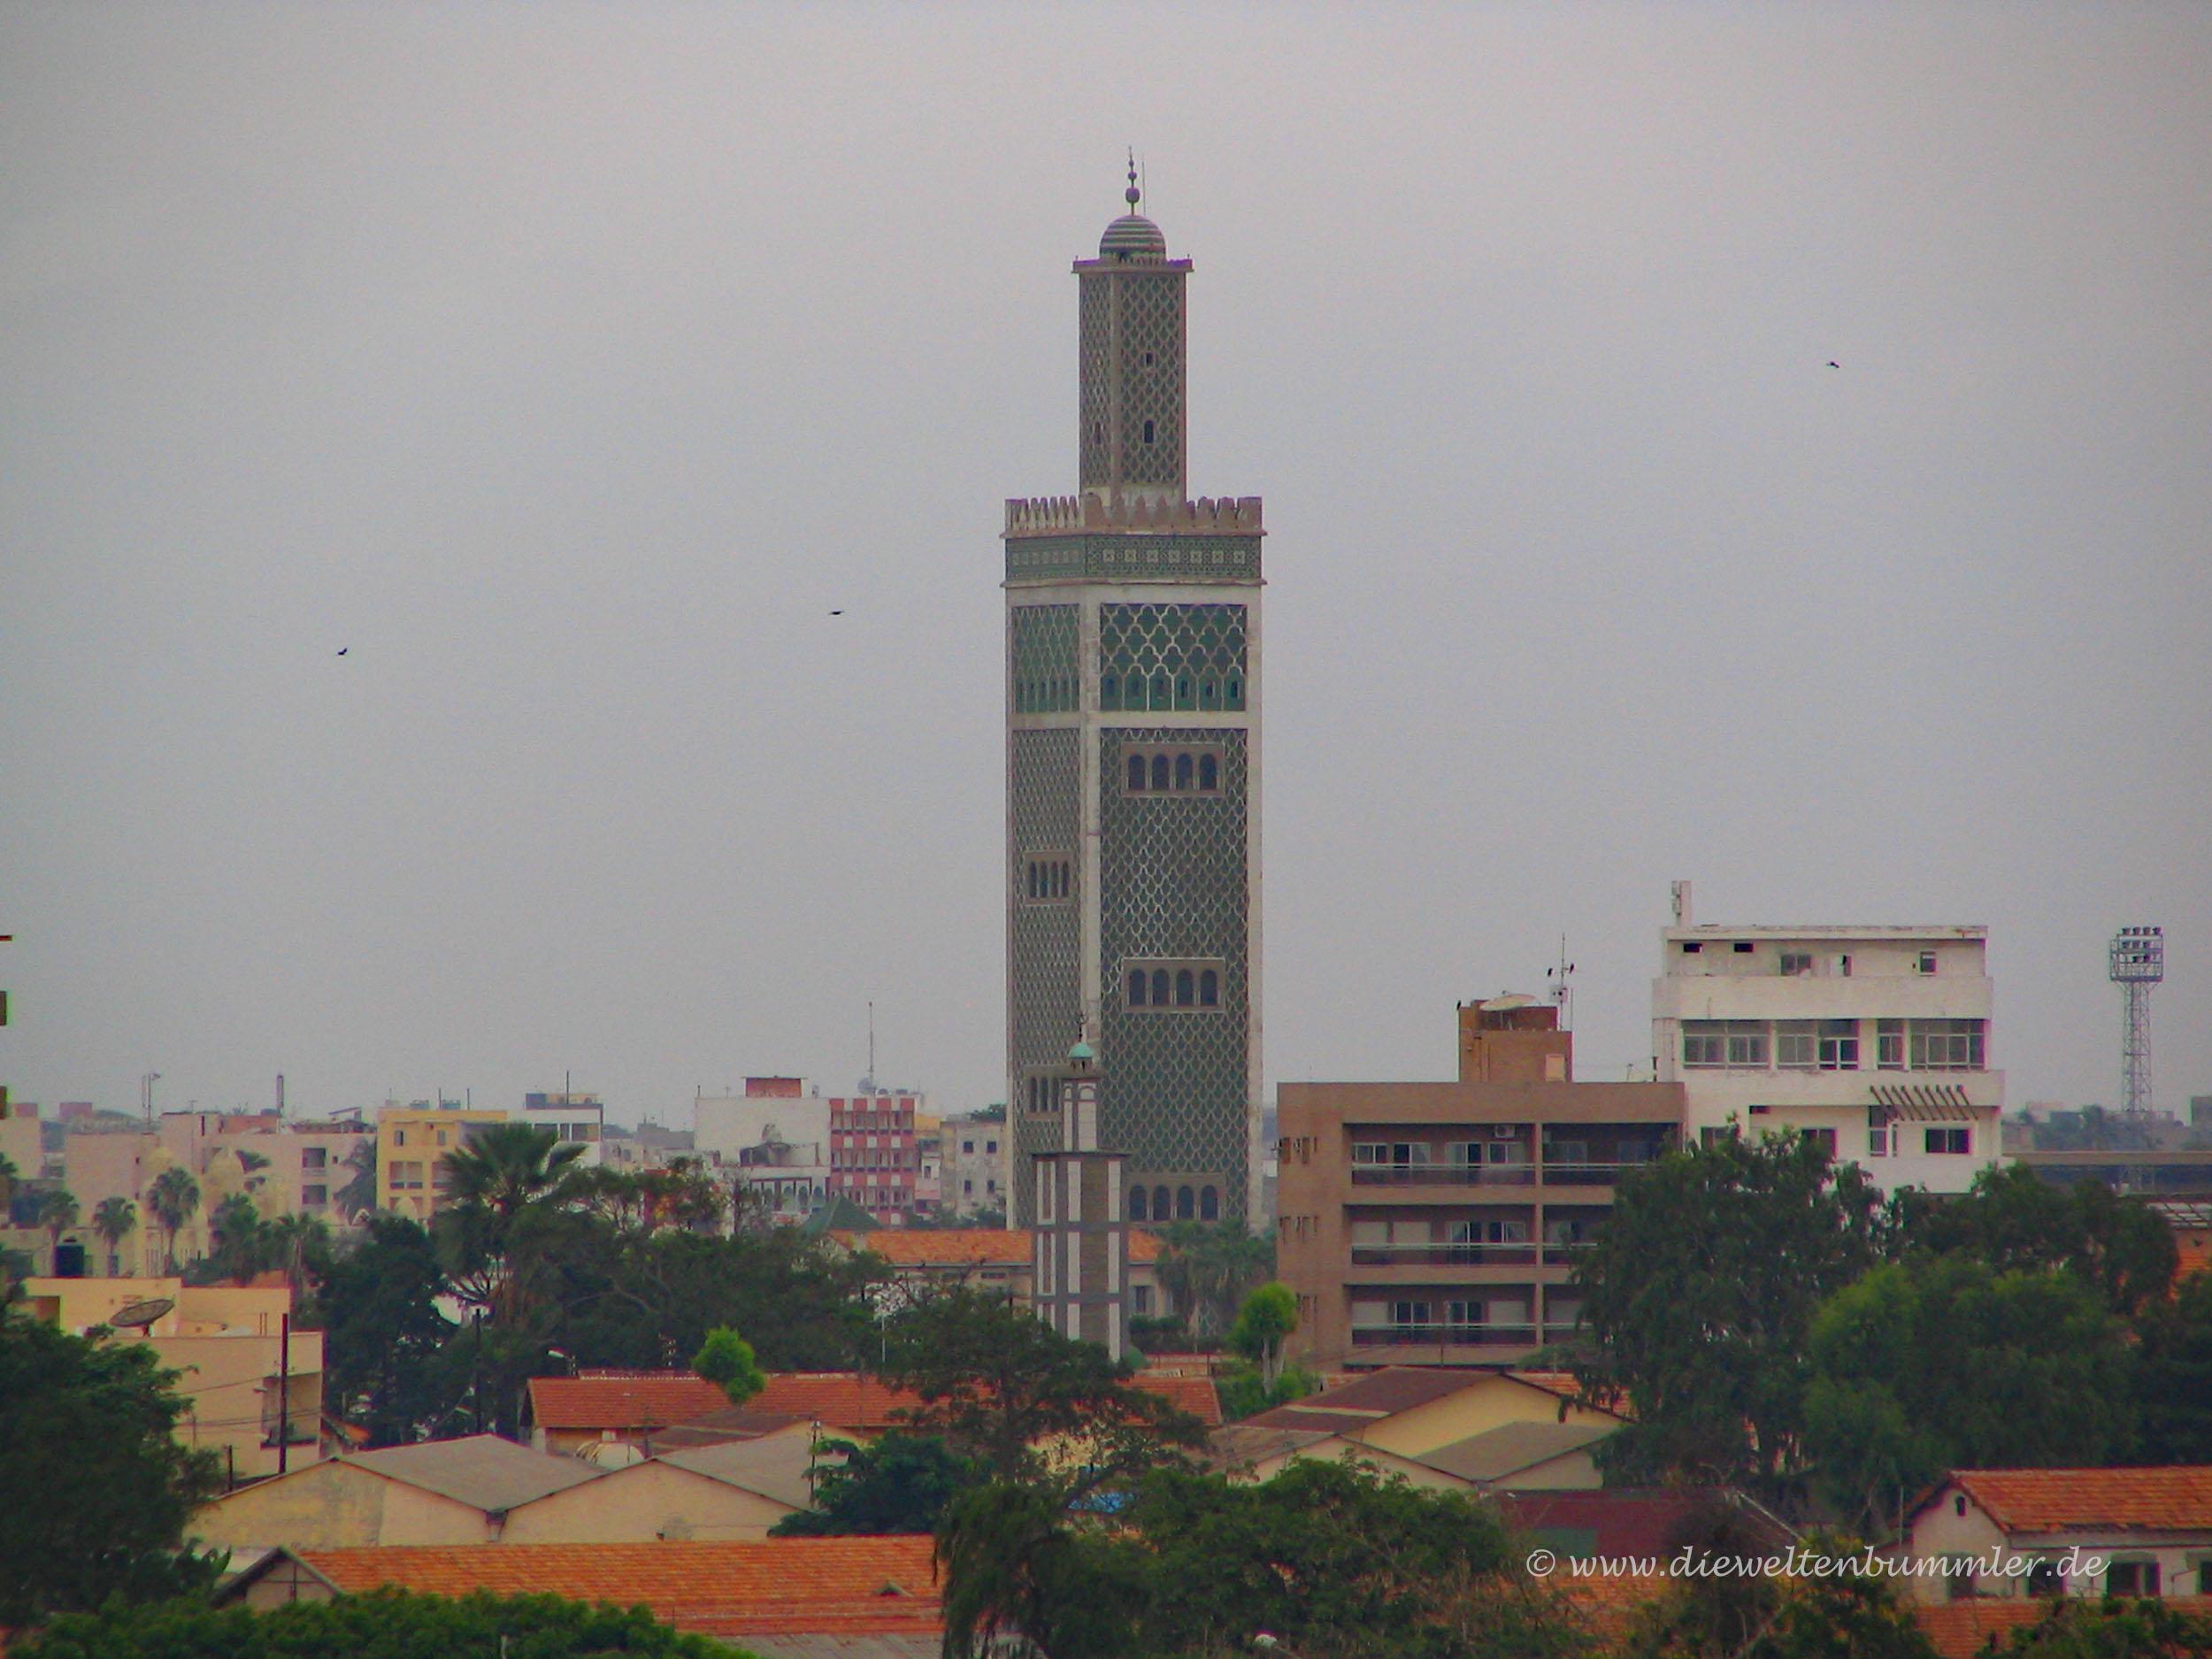 Turm der Großen Moschee